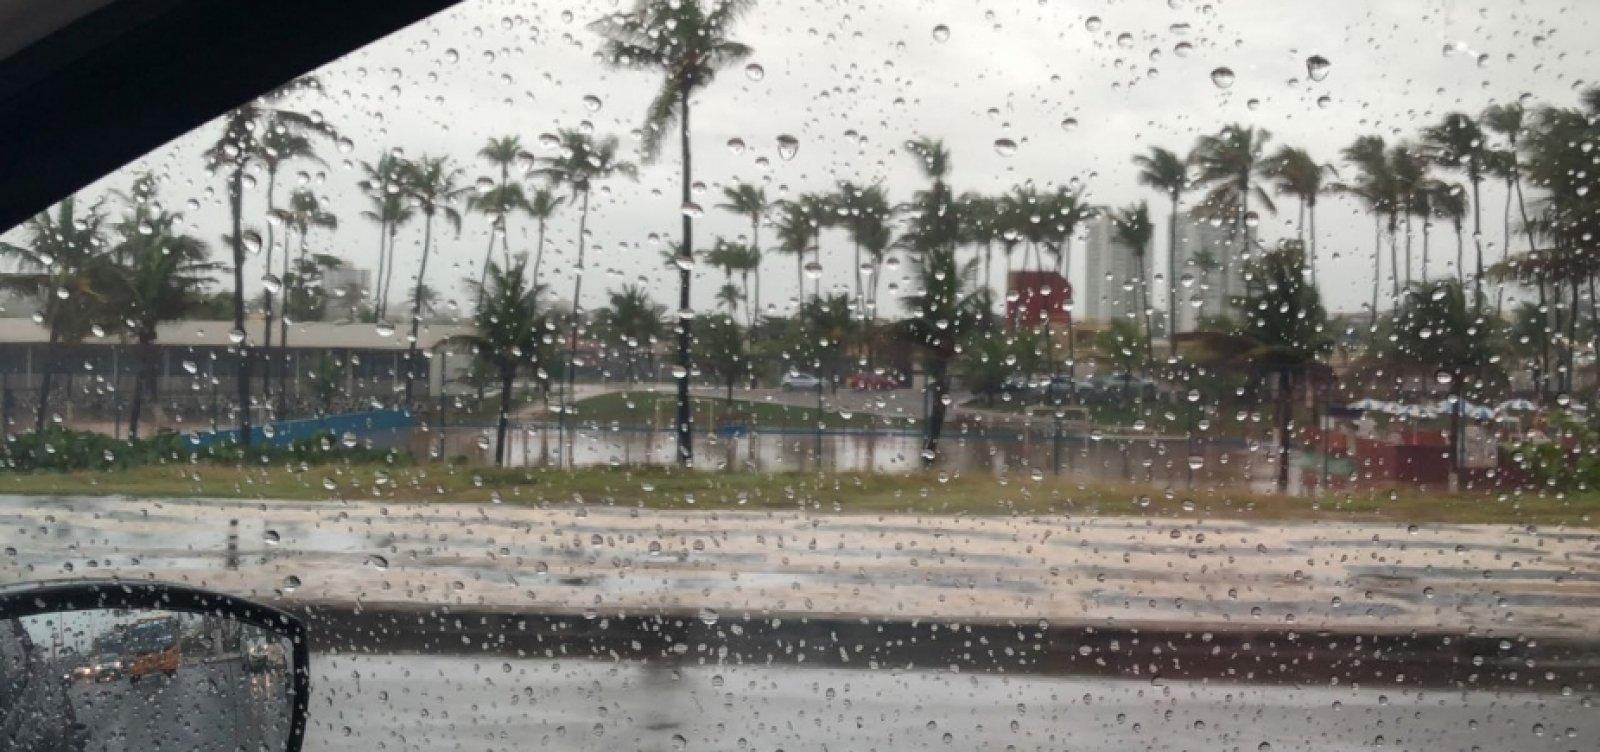 Fim de semana em Salvador será de tempo chuvoso e ventos fortes